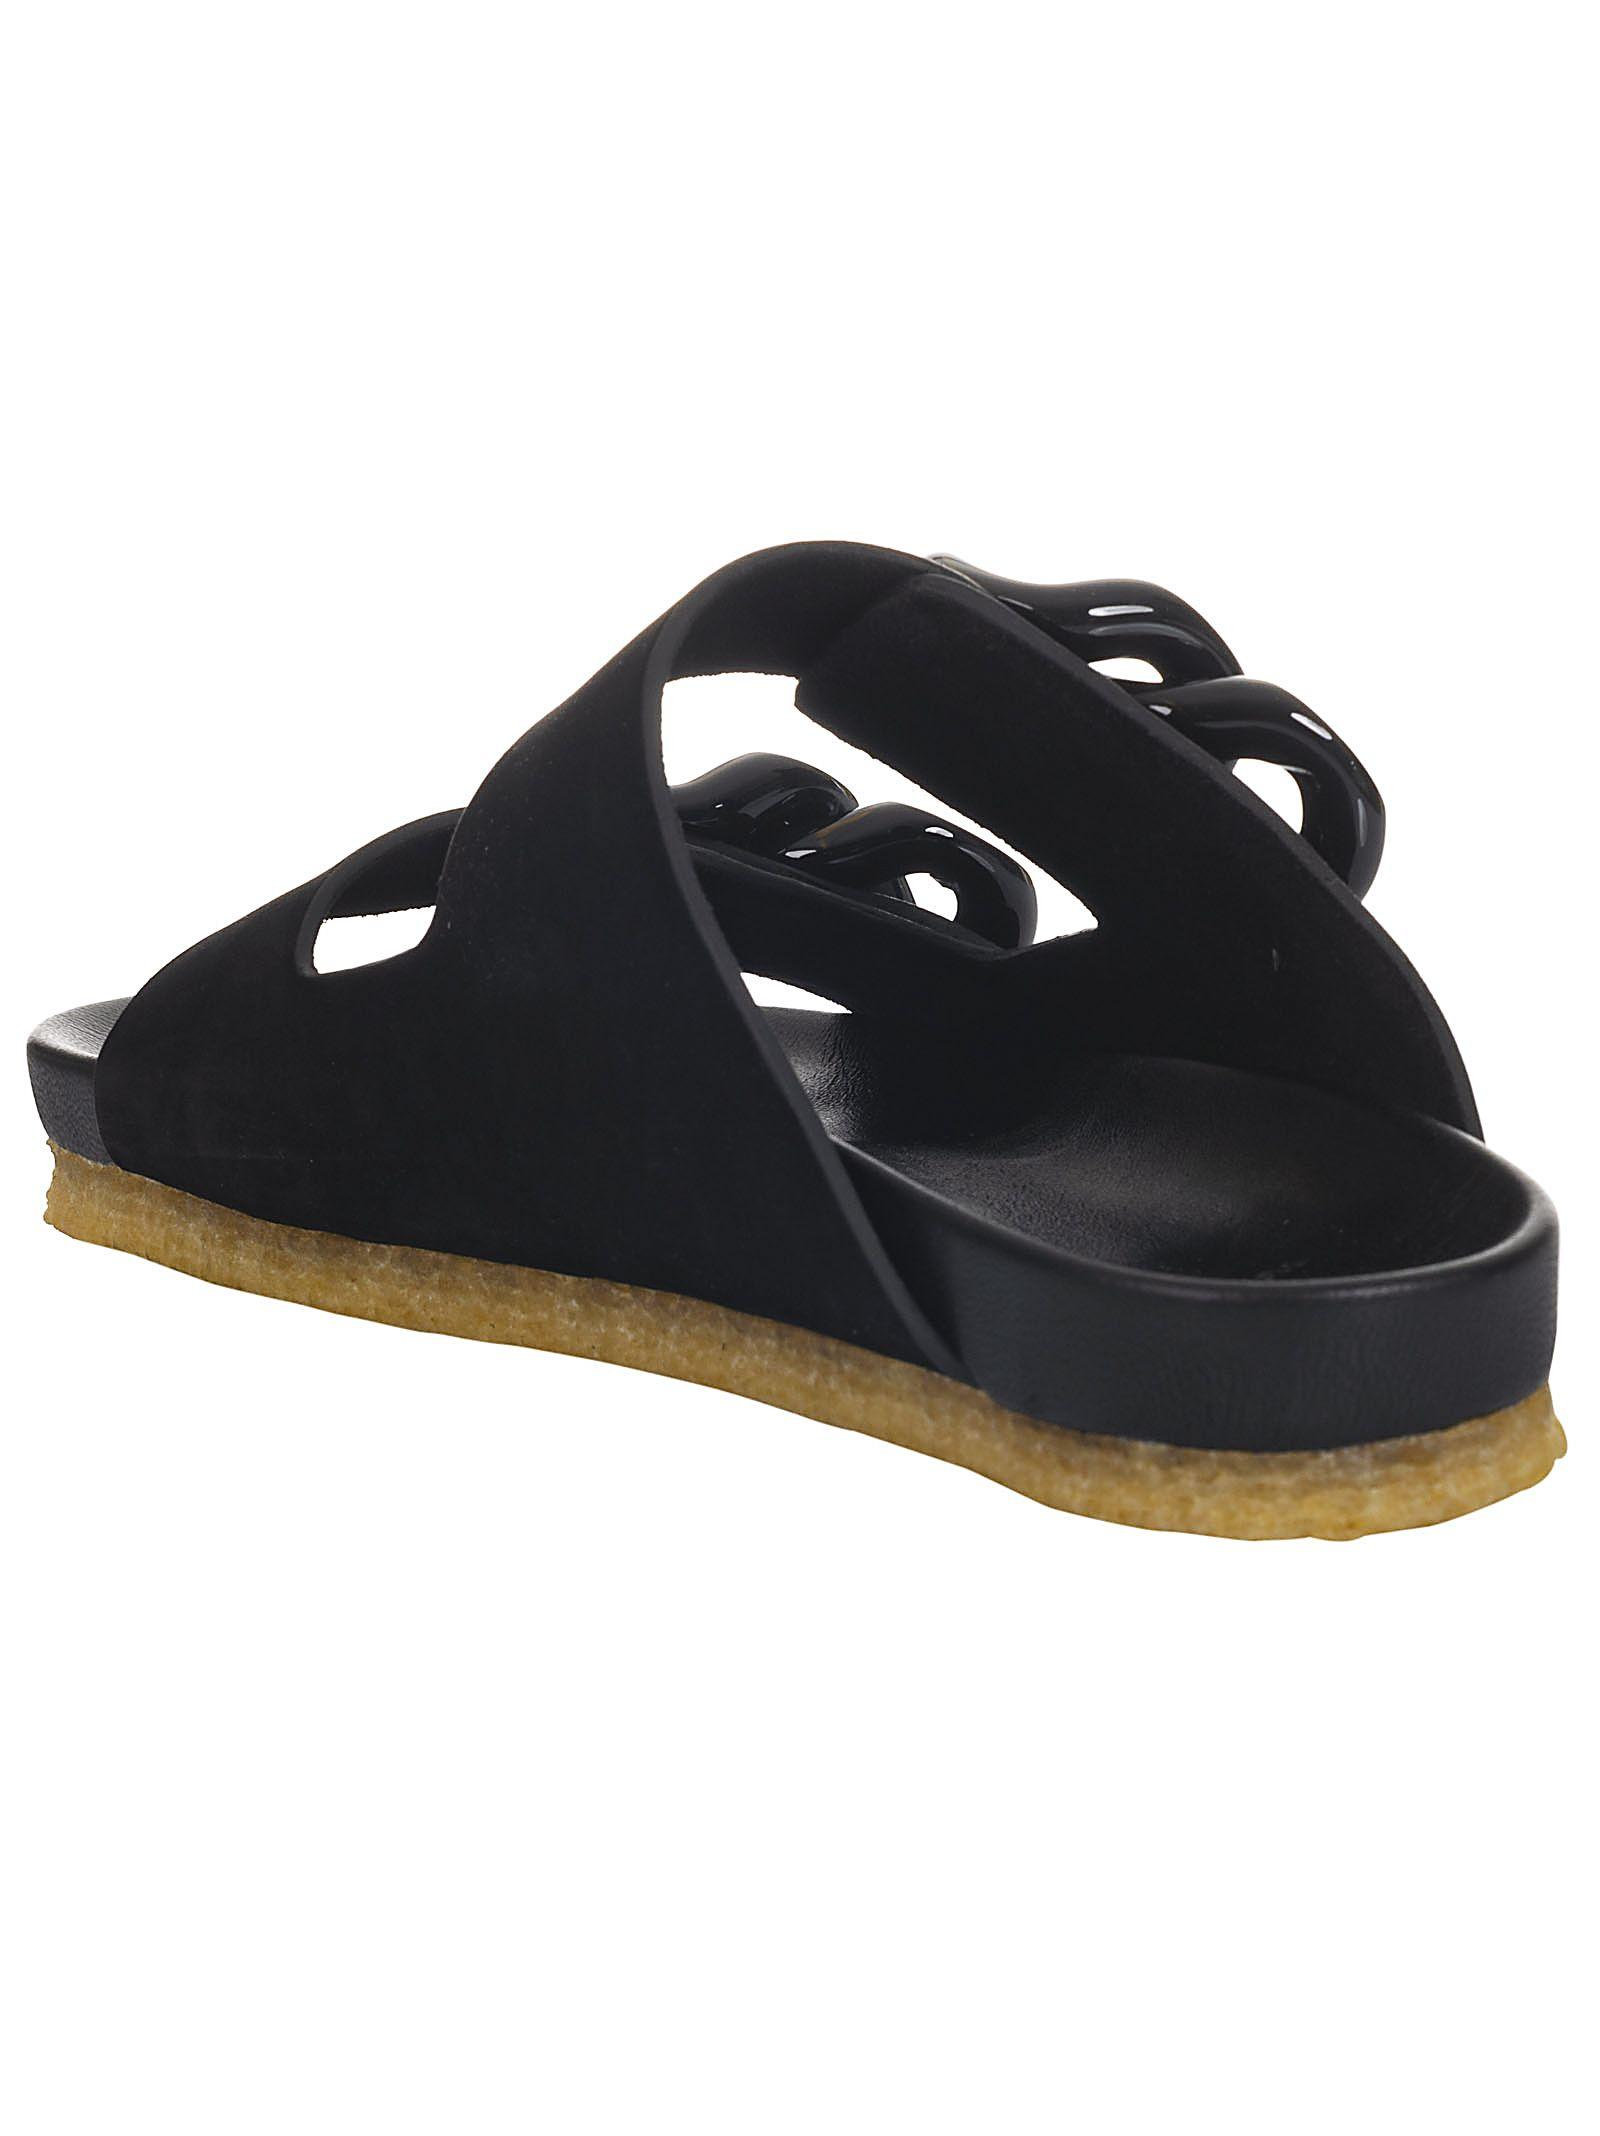 a426f6e6681 Tory Burch Tory Burch Adrien Sandals - Perfect Black - 10816384 ...